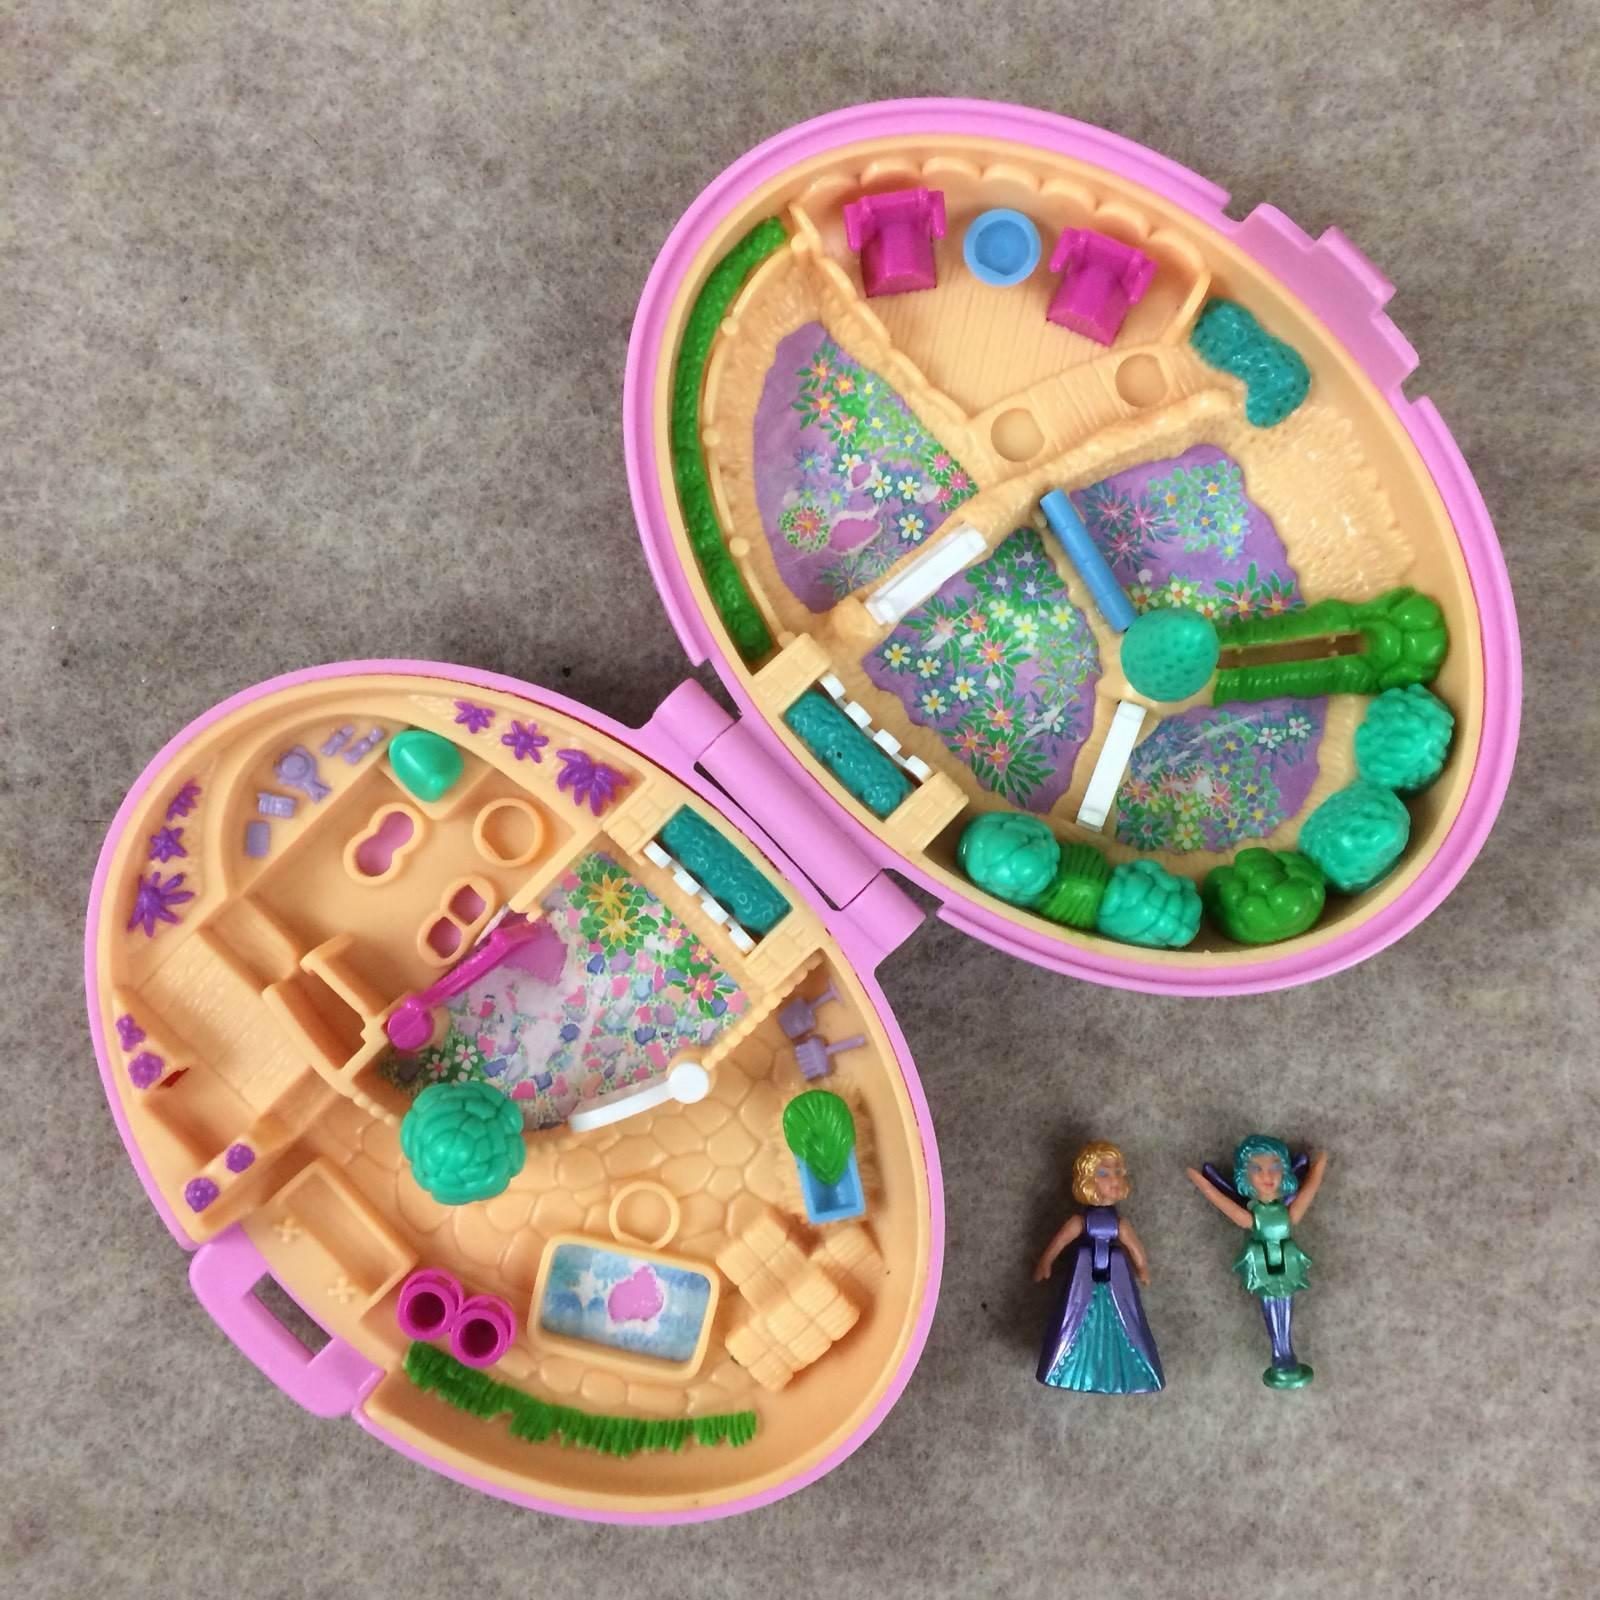 Vintage Blaubird Polly Pocket 1995 Palomino Pony Stables Vtg Toy With 2 Dolls